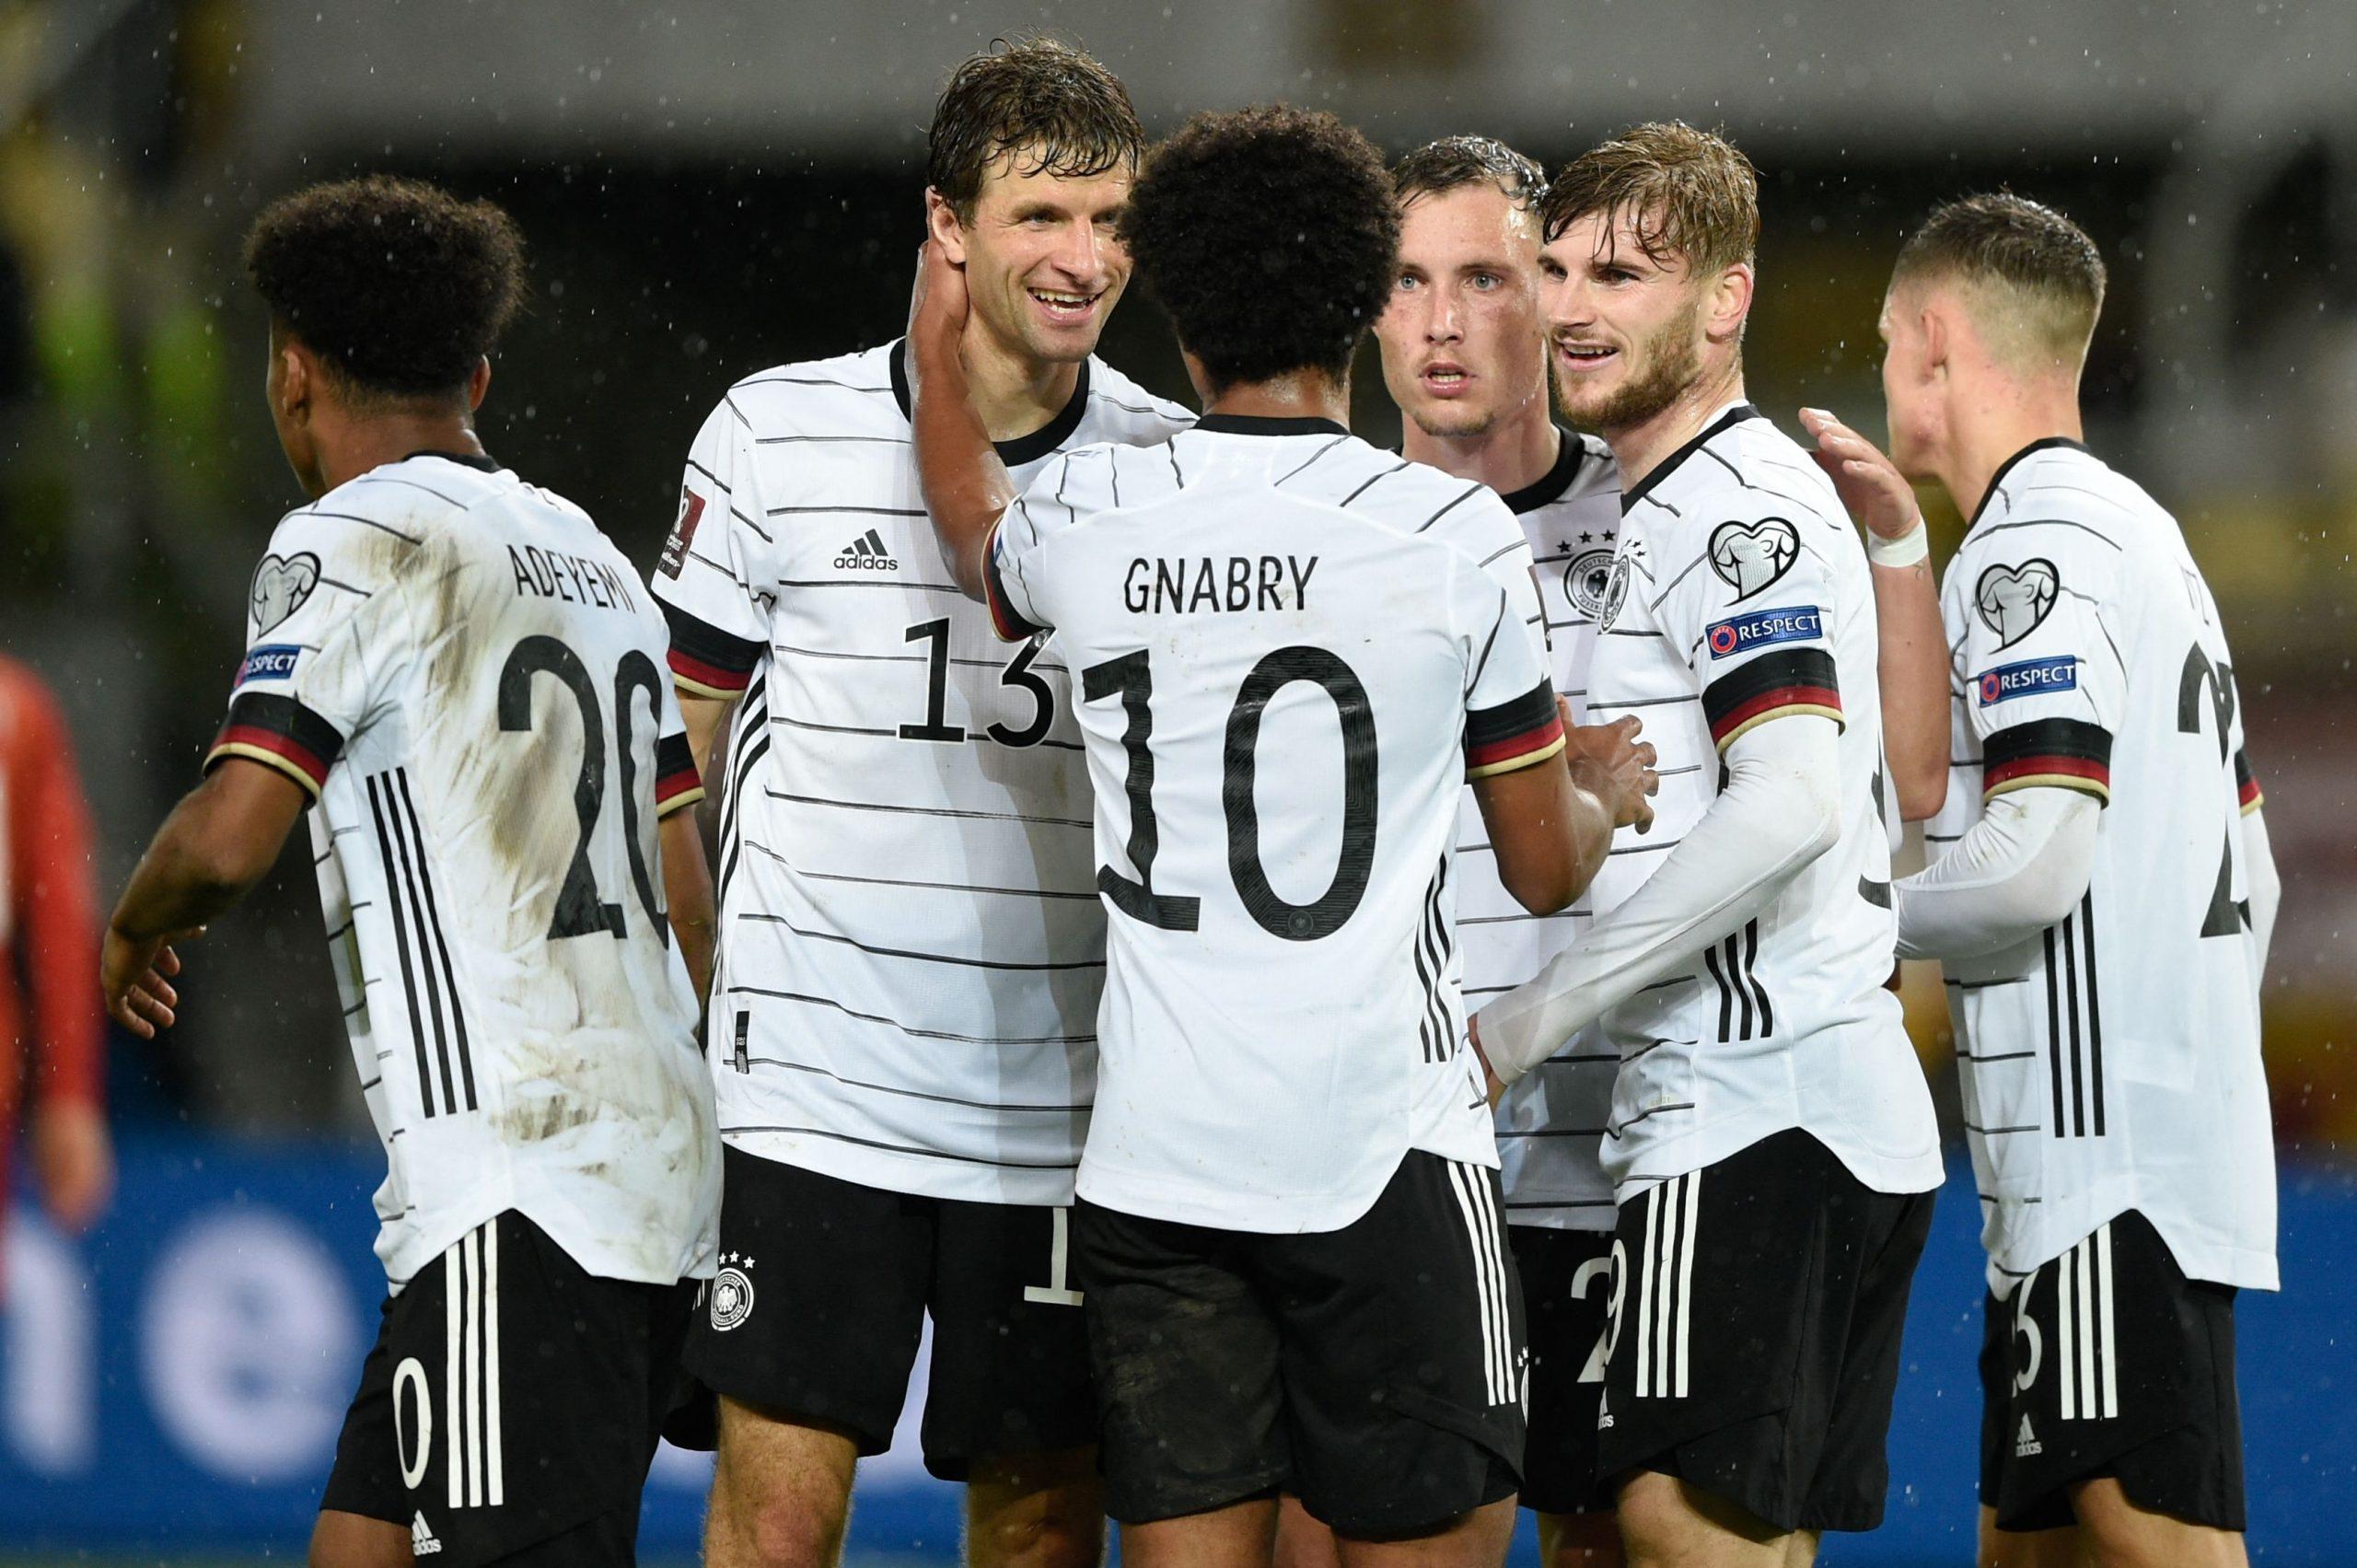 Alemania lucha y se convierte en el primer equipo en clasificar al Mundial 2022 en Qatar - Prensa Libre